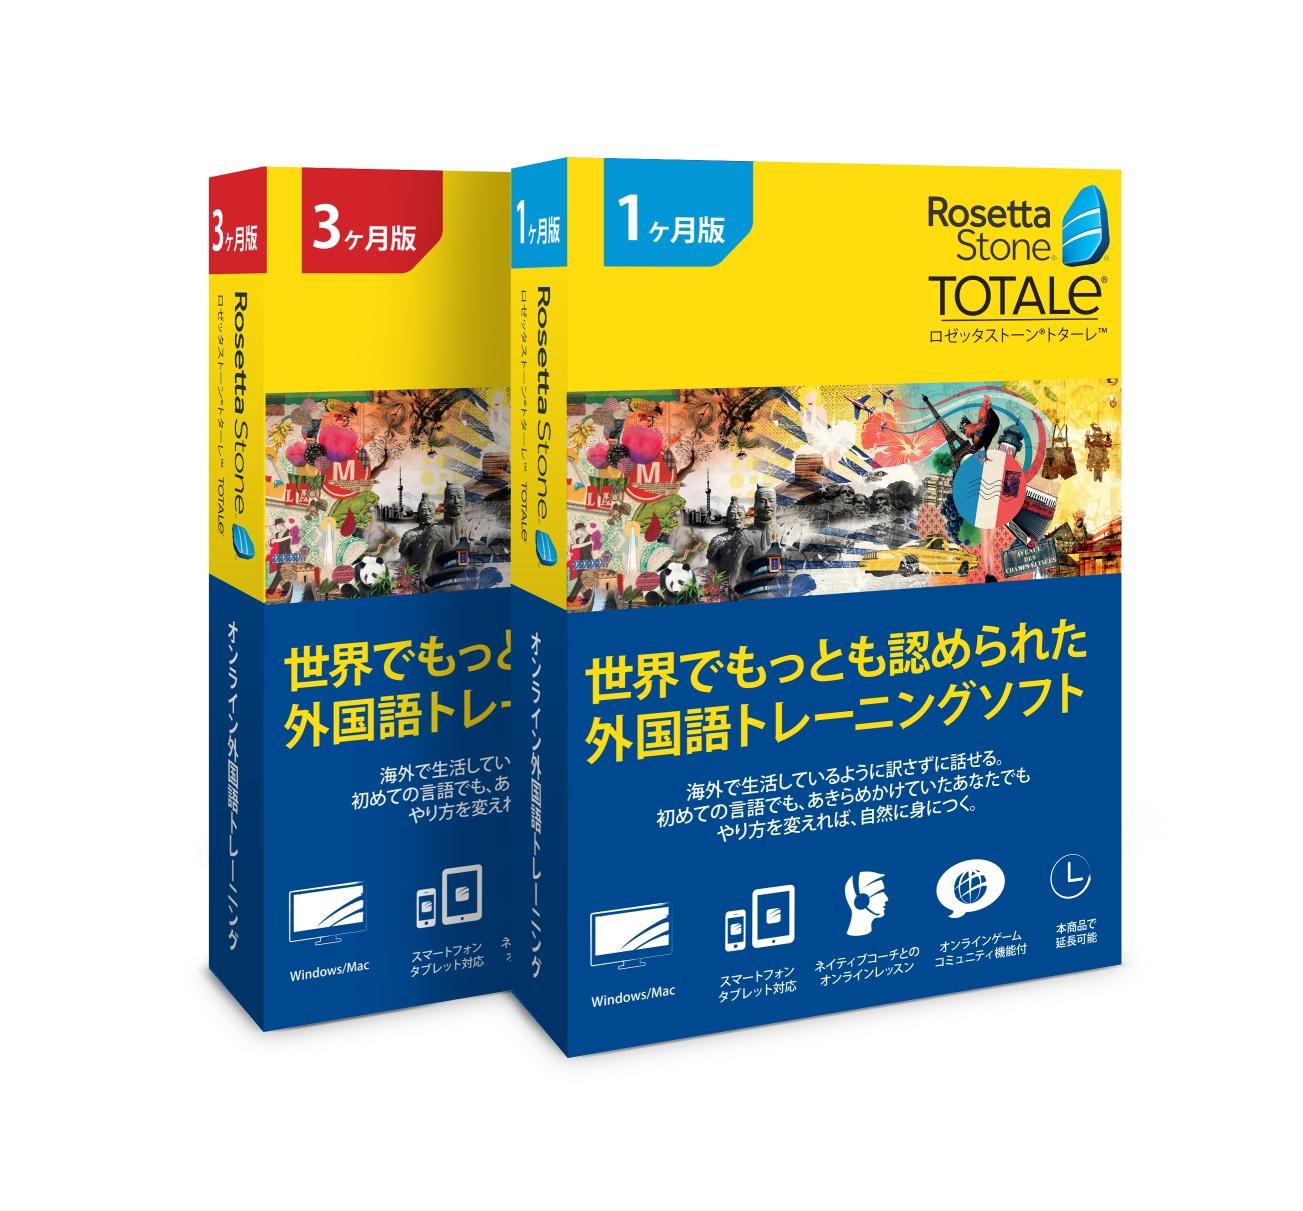 「ロゼッタストーンTOTALe」オンラインサービスのボックス版が新登場!  紀伊國屋書店を始め、全国の書店にて展開予定。  初回数量限定のプレゼントキャンペーンも実施中です。